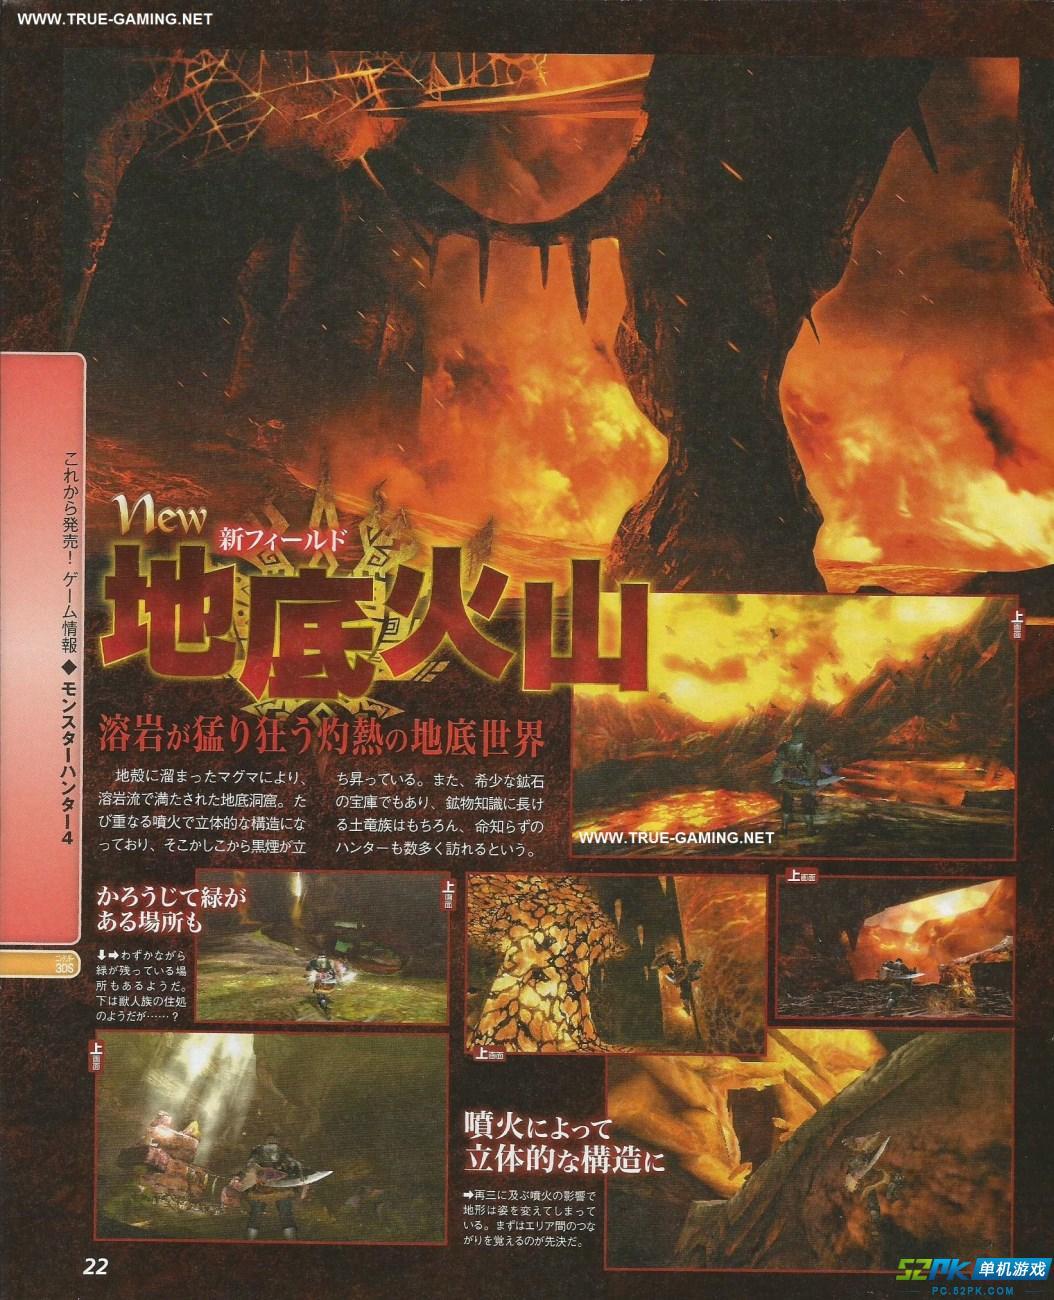 游戏 王龙/炎王龙钢龙岩龙铠龙《怪物猎人4》全新情报杂志图